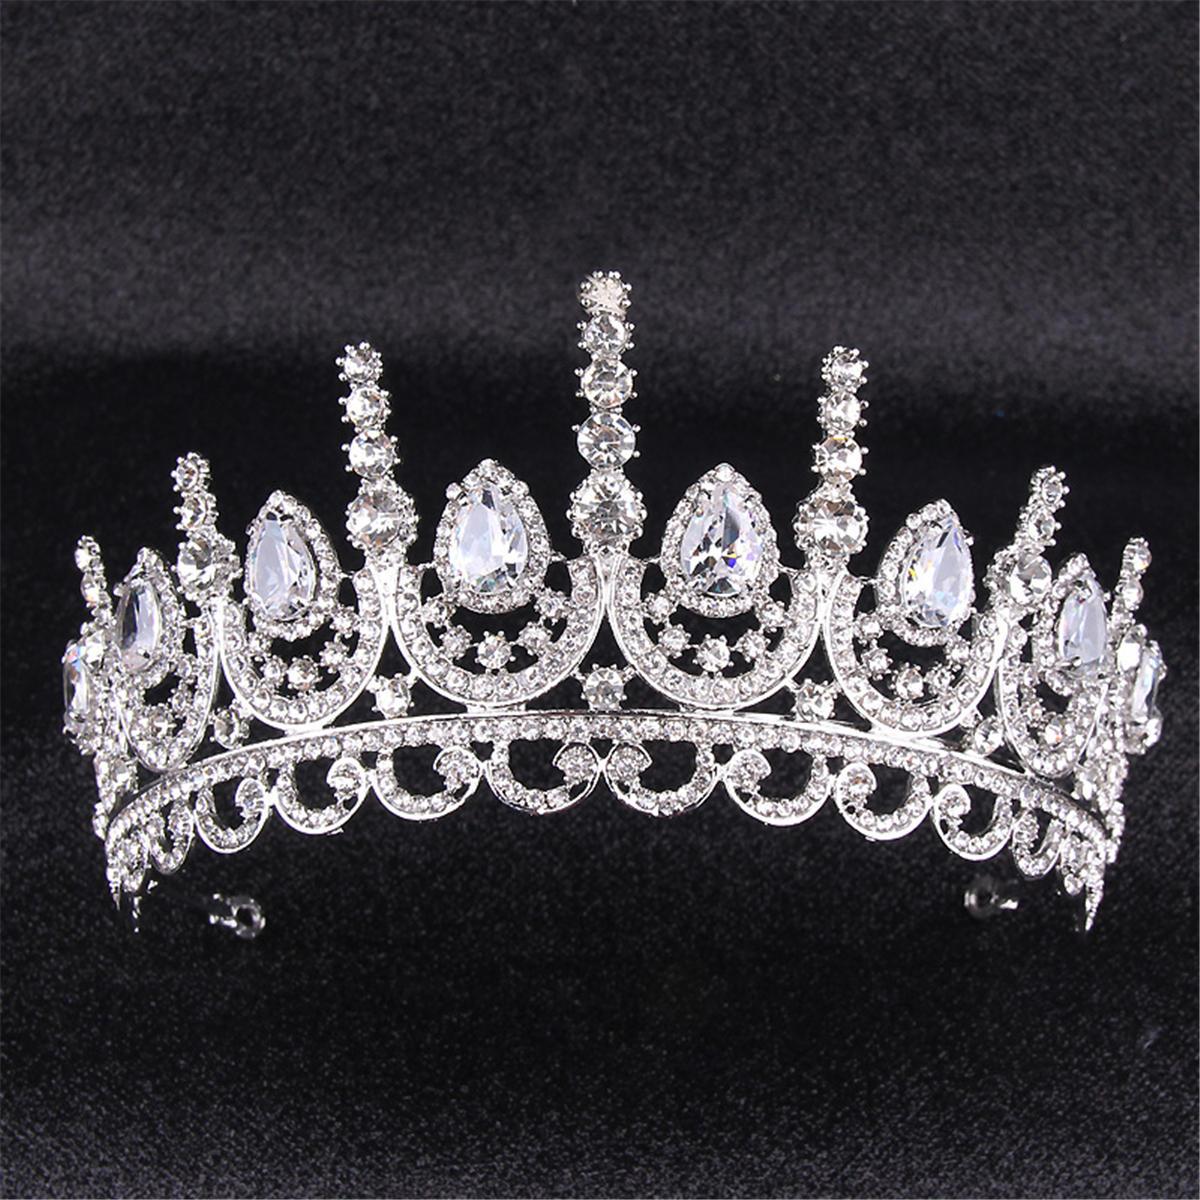 Trang sức cưới cao cấp cô dâu vương miện headband pha lê rhinestone công chúa Tiara Headband